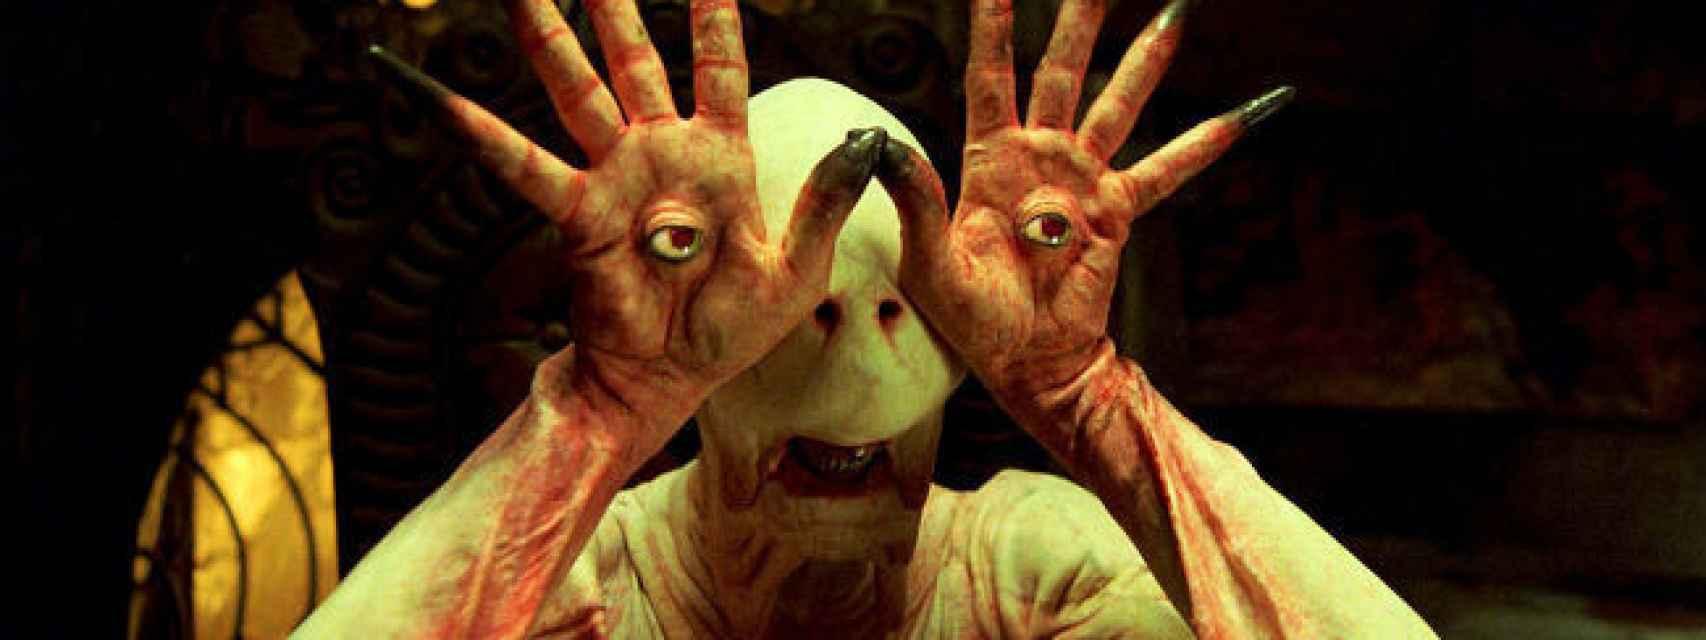 Fotograma de El laberinto del fauno, de Guillermo del Toro.